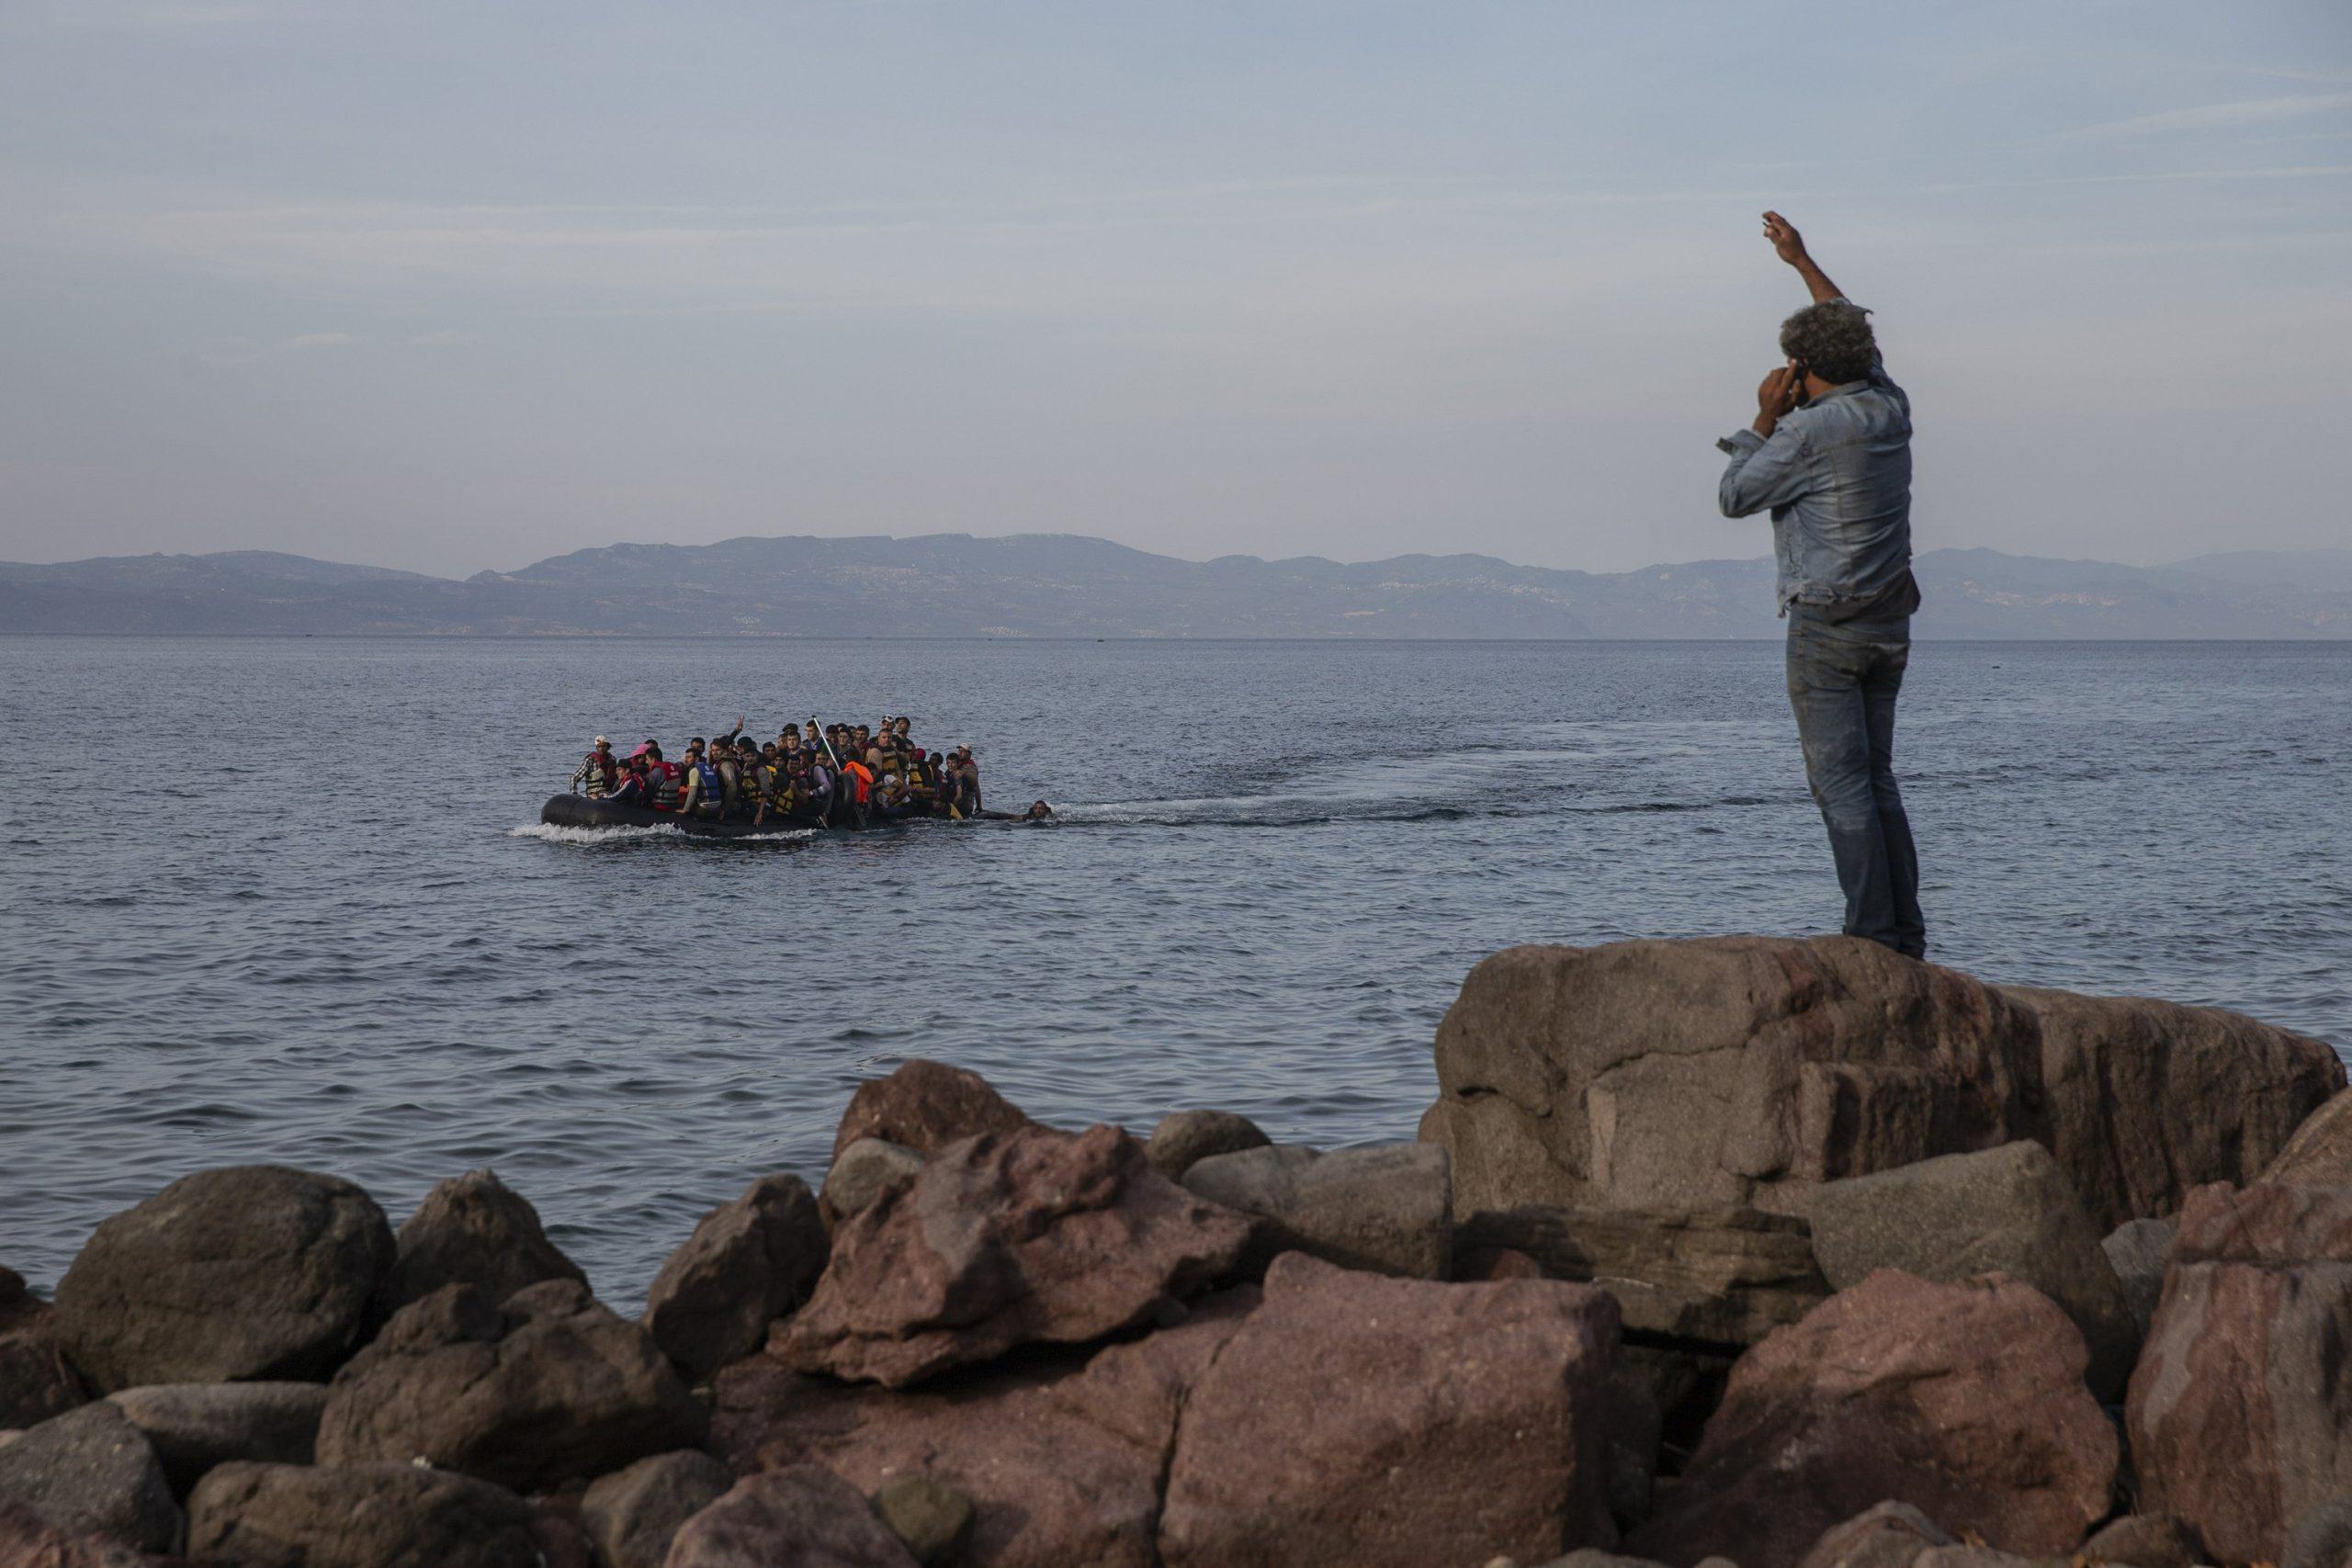 Fluksi i emigrantëve të paligjshëm, Greqia barrierë ndaluese në Deti Egje